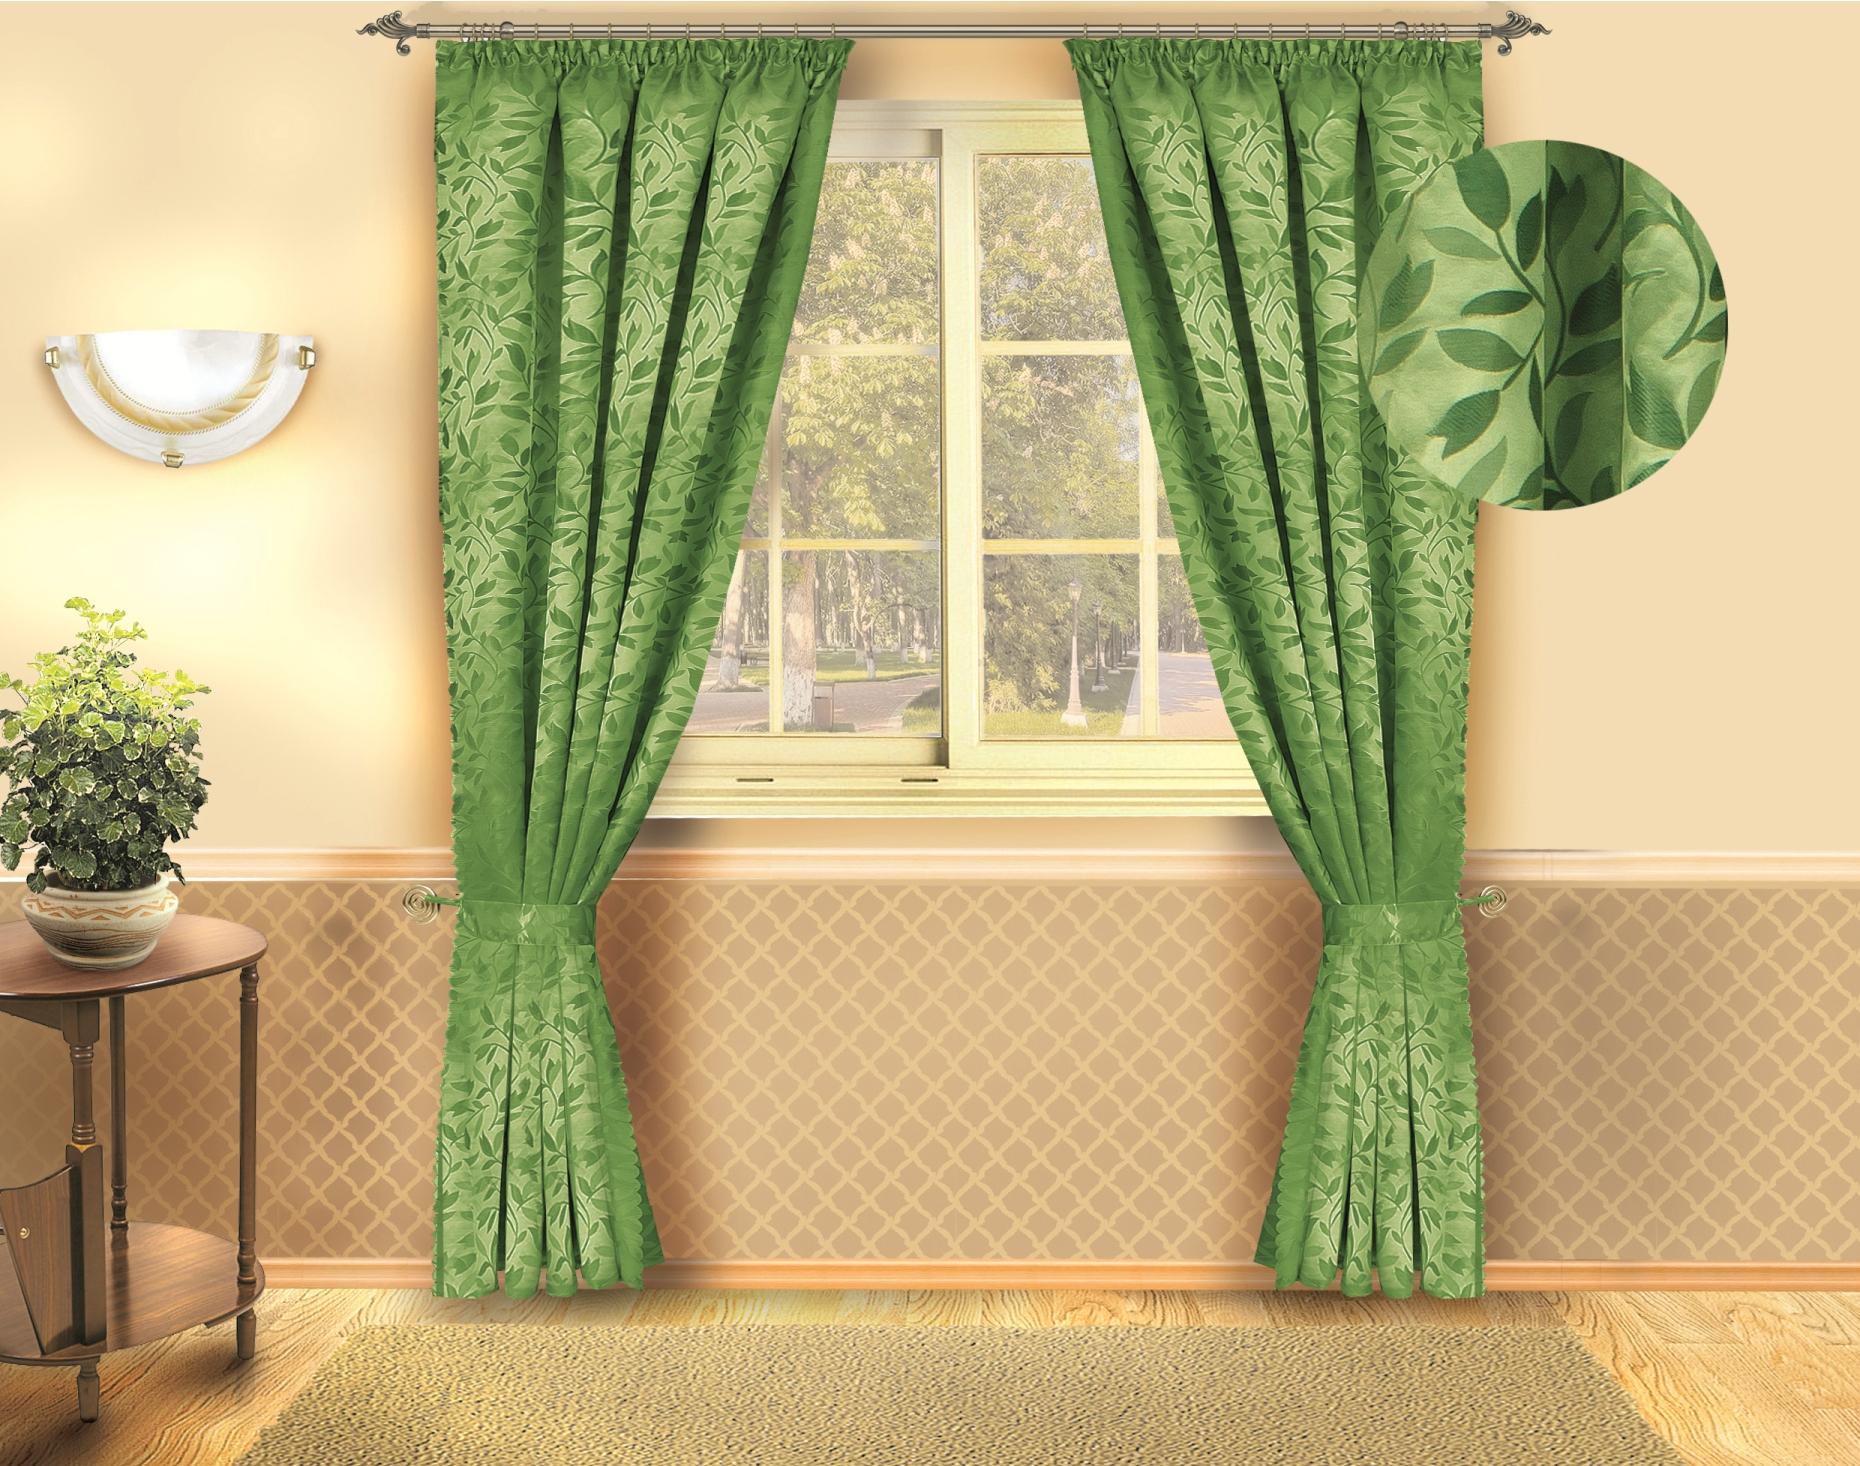 Комплект штор Zlata Korunka, цвет: зеленый, высота 250 см. Б132Б132 зеленыйРоскошный комплект штор Zlata Korunka, выполненный из полиэстера, великолепно украсит любое окно. Комплект состоит из двух штор. Изящный растительный рисунок и приятная цветовая гамма привлекут к себе внимание и органично впишутся в интерьер помещения. Этот комплект будет долгое время радовать вас и вашу семью! В комплект входит: Штора: 2 шт. Размер (Ш х В): 140 см х 250 см.